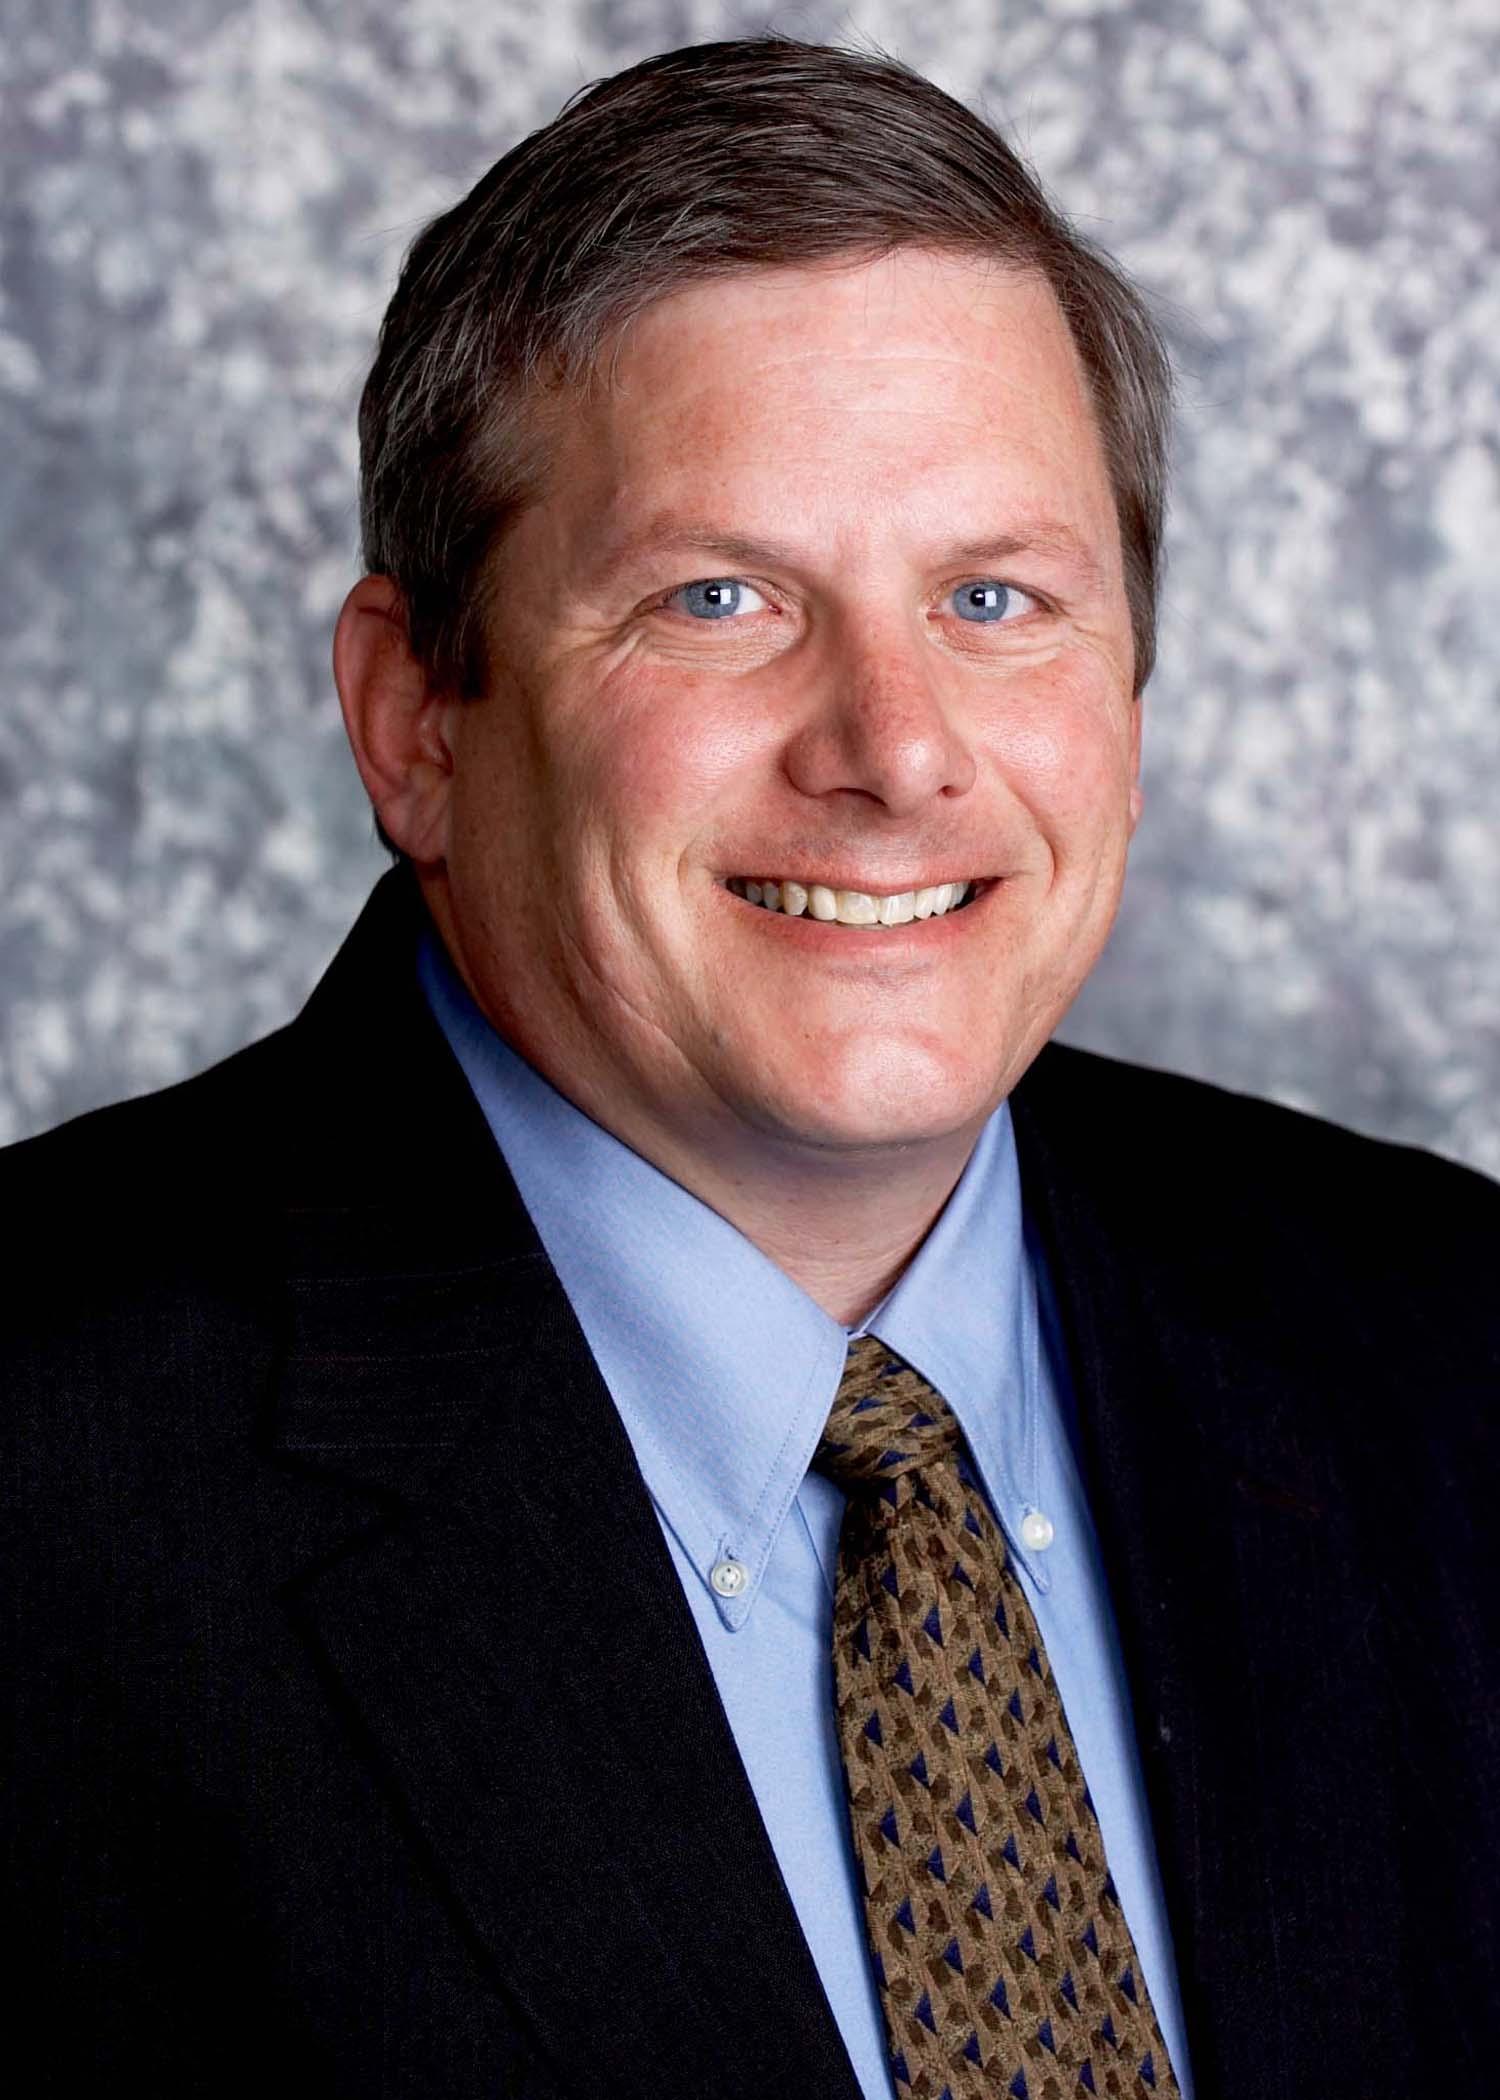 USDA undersecretary Bill Northey